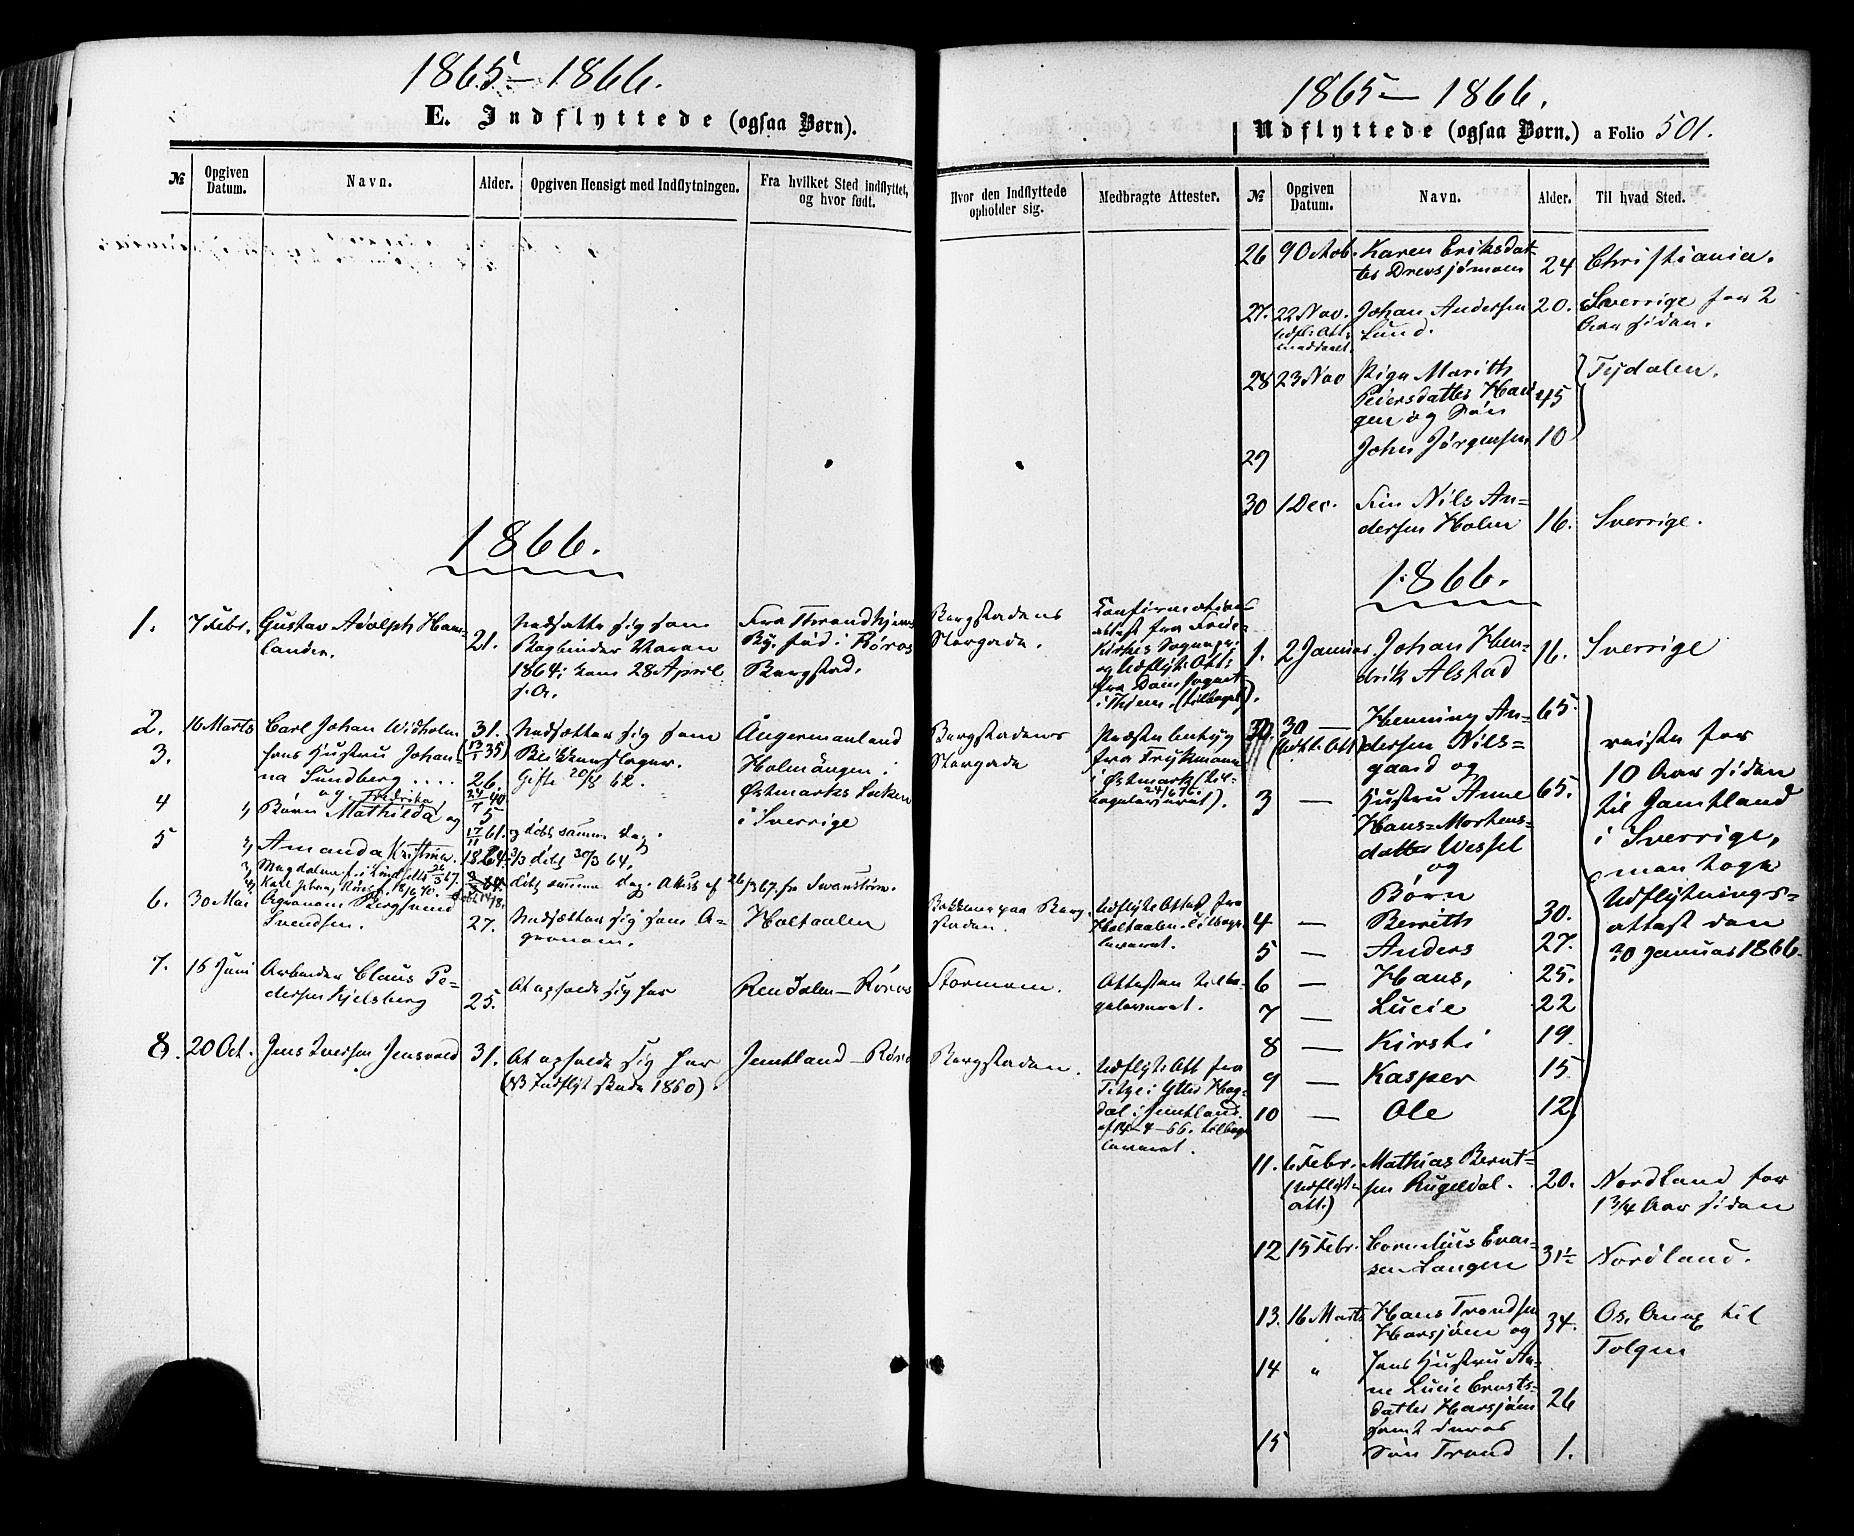 SAT, Ministerialprotokoller, klokkerbøker og fødselsregistre - Sør-Trøndelag, 681/L0932: Ministerialbok nr. 681A10, 1860-1878, s. 501